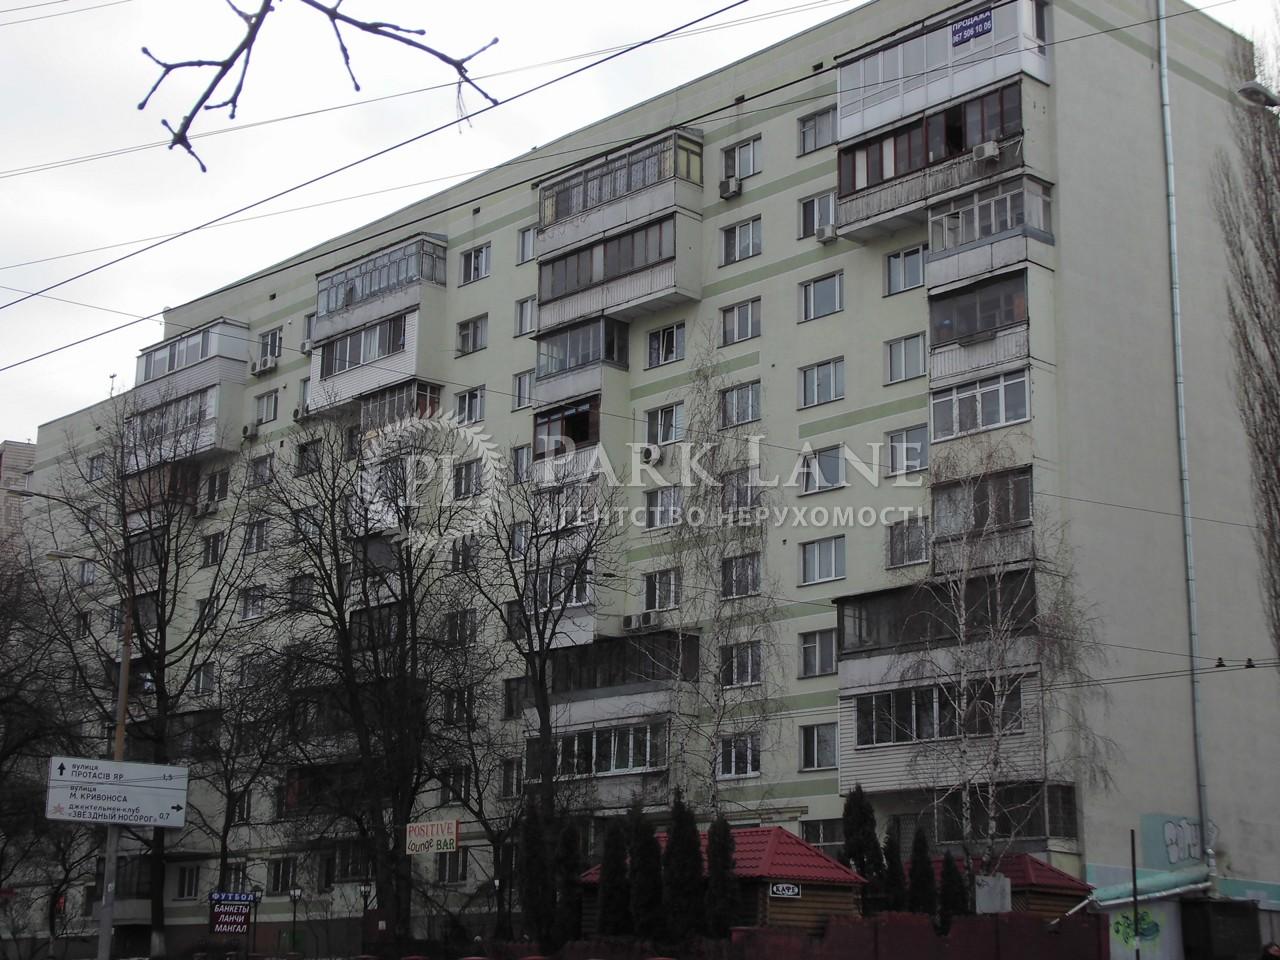 Нежитлове приміщення, вул. Солом'янська, Київ, J-27125 - Фото 1